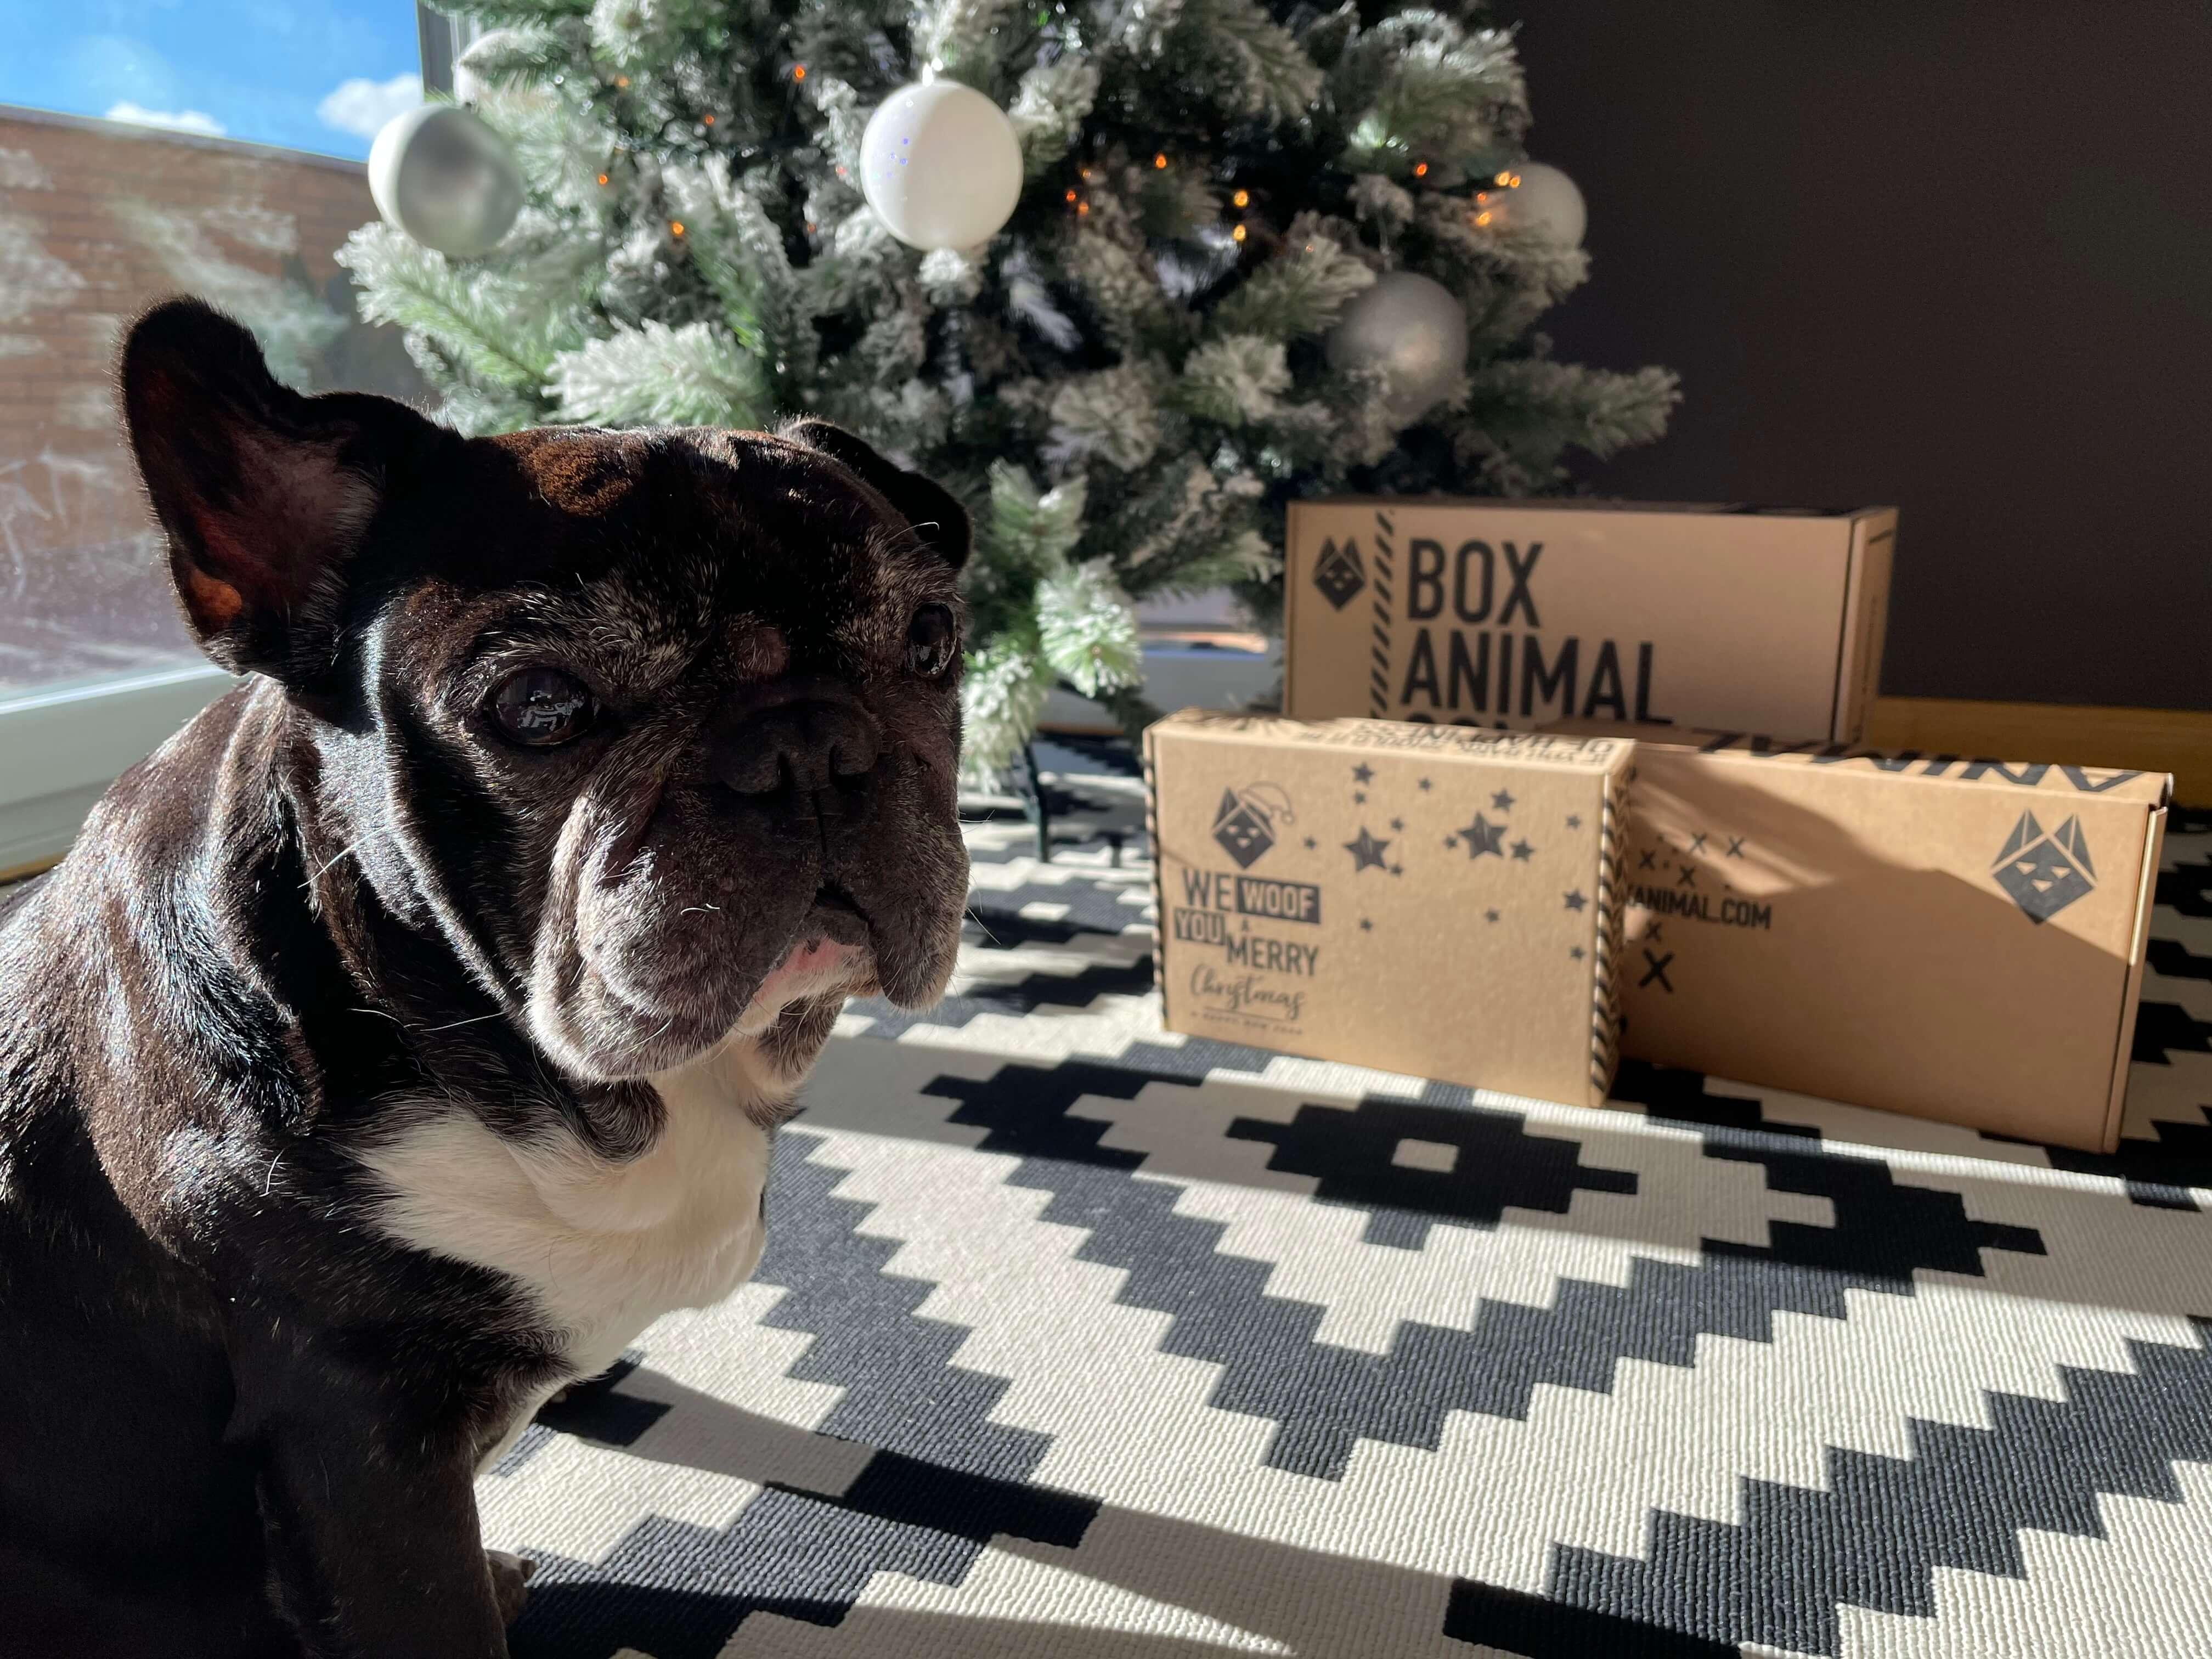 un perro sentado junto a varias cajas postales